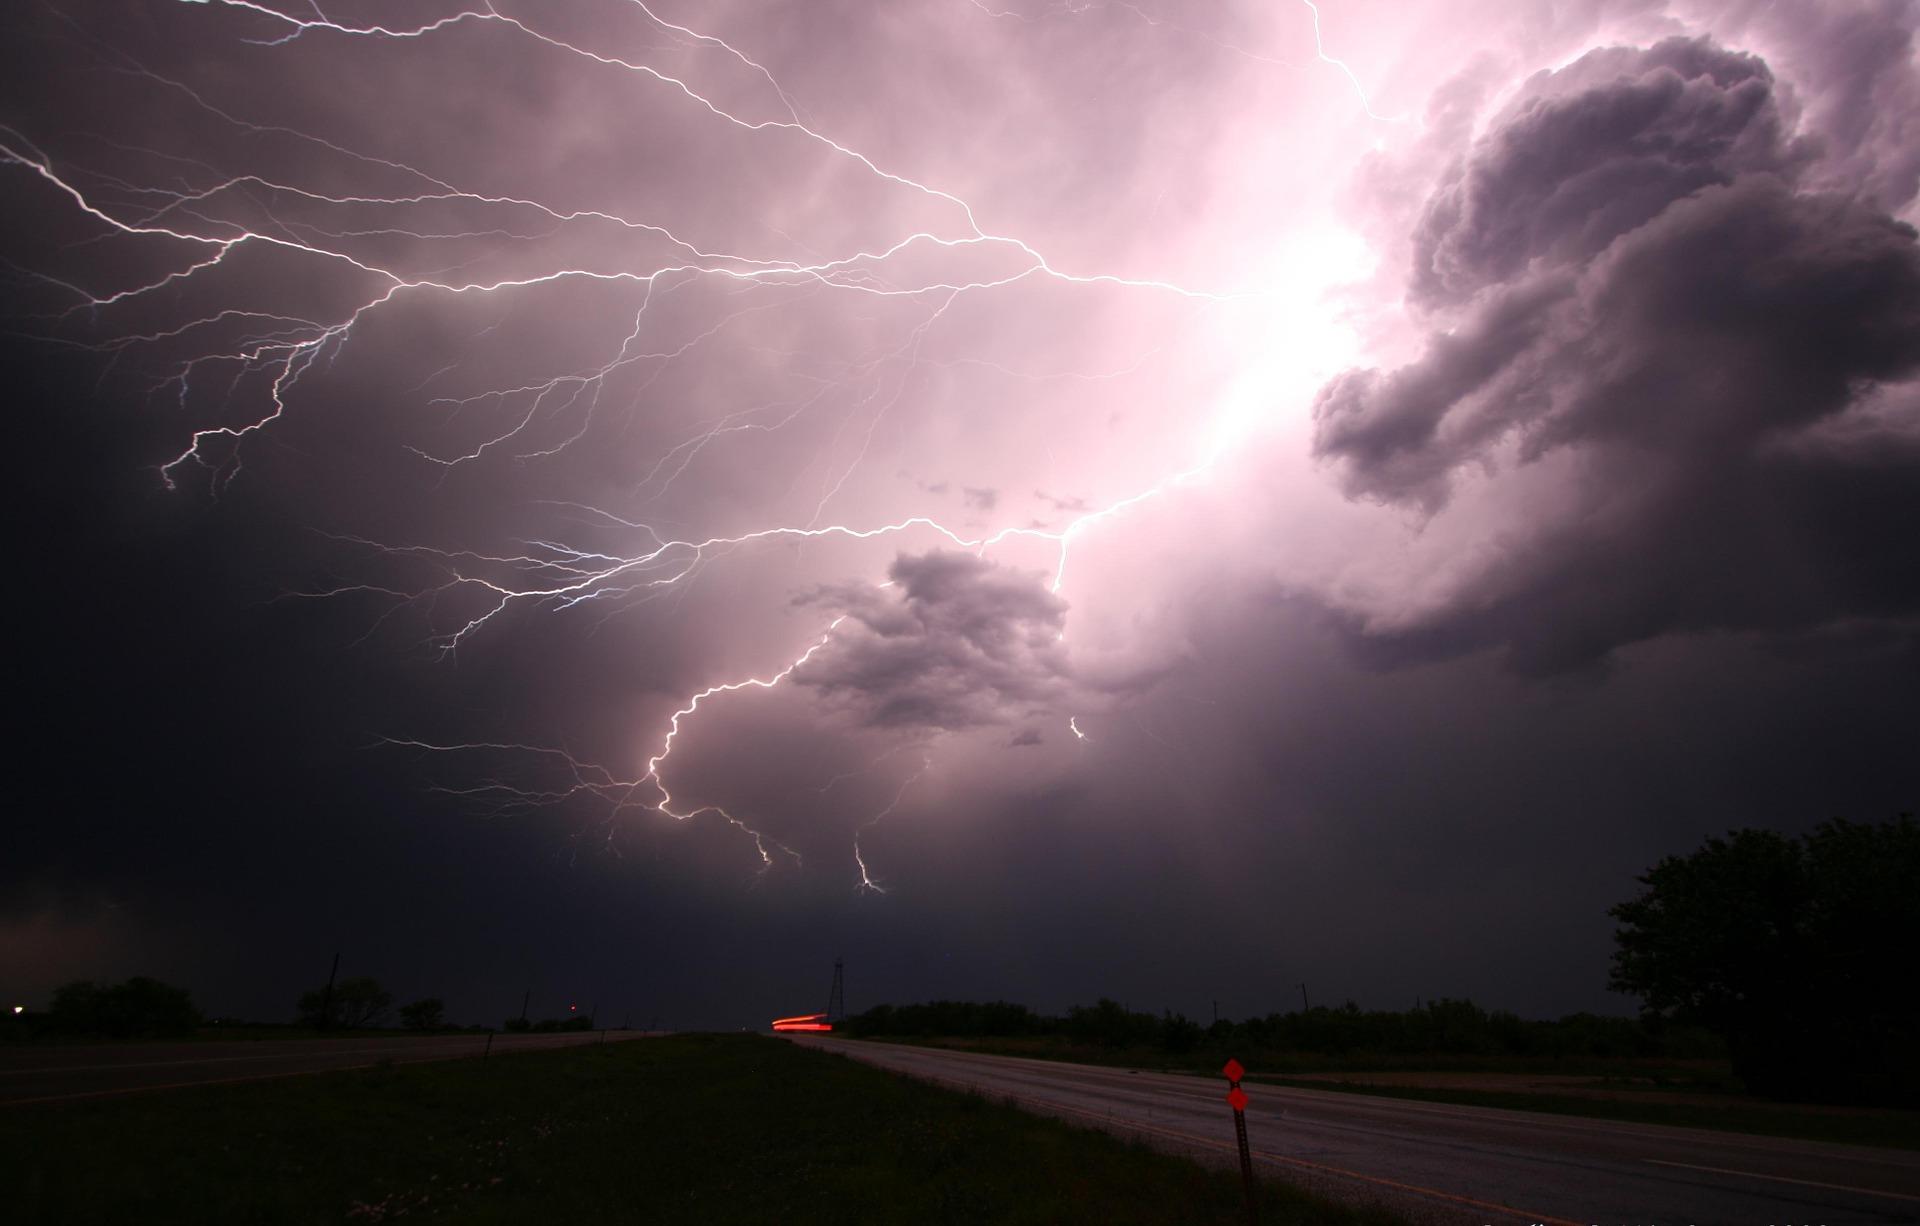 lightning-1056419_1920.jpg